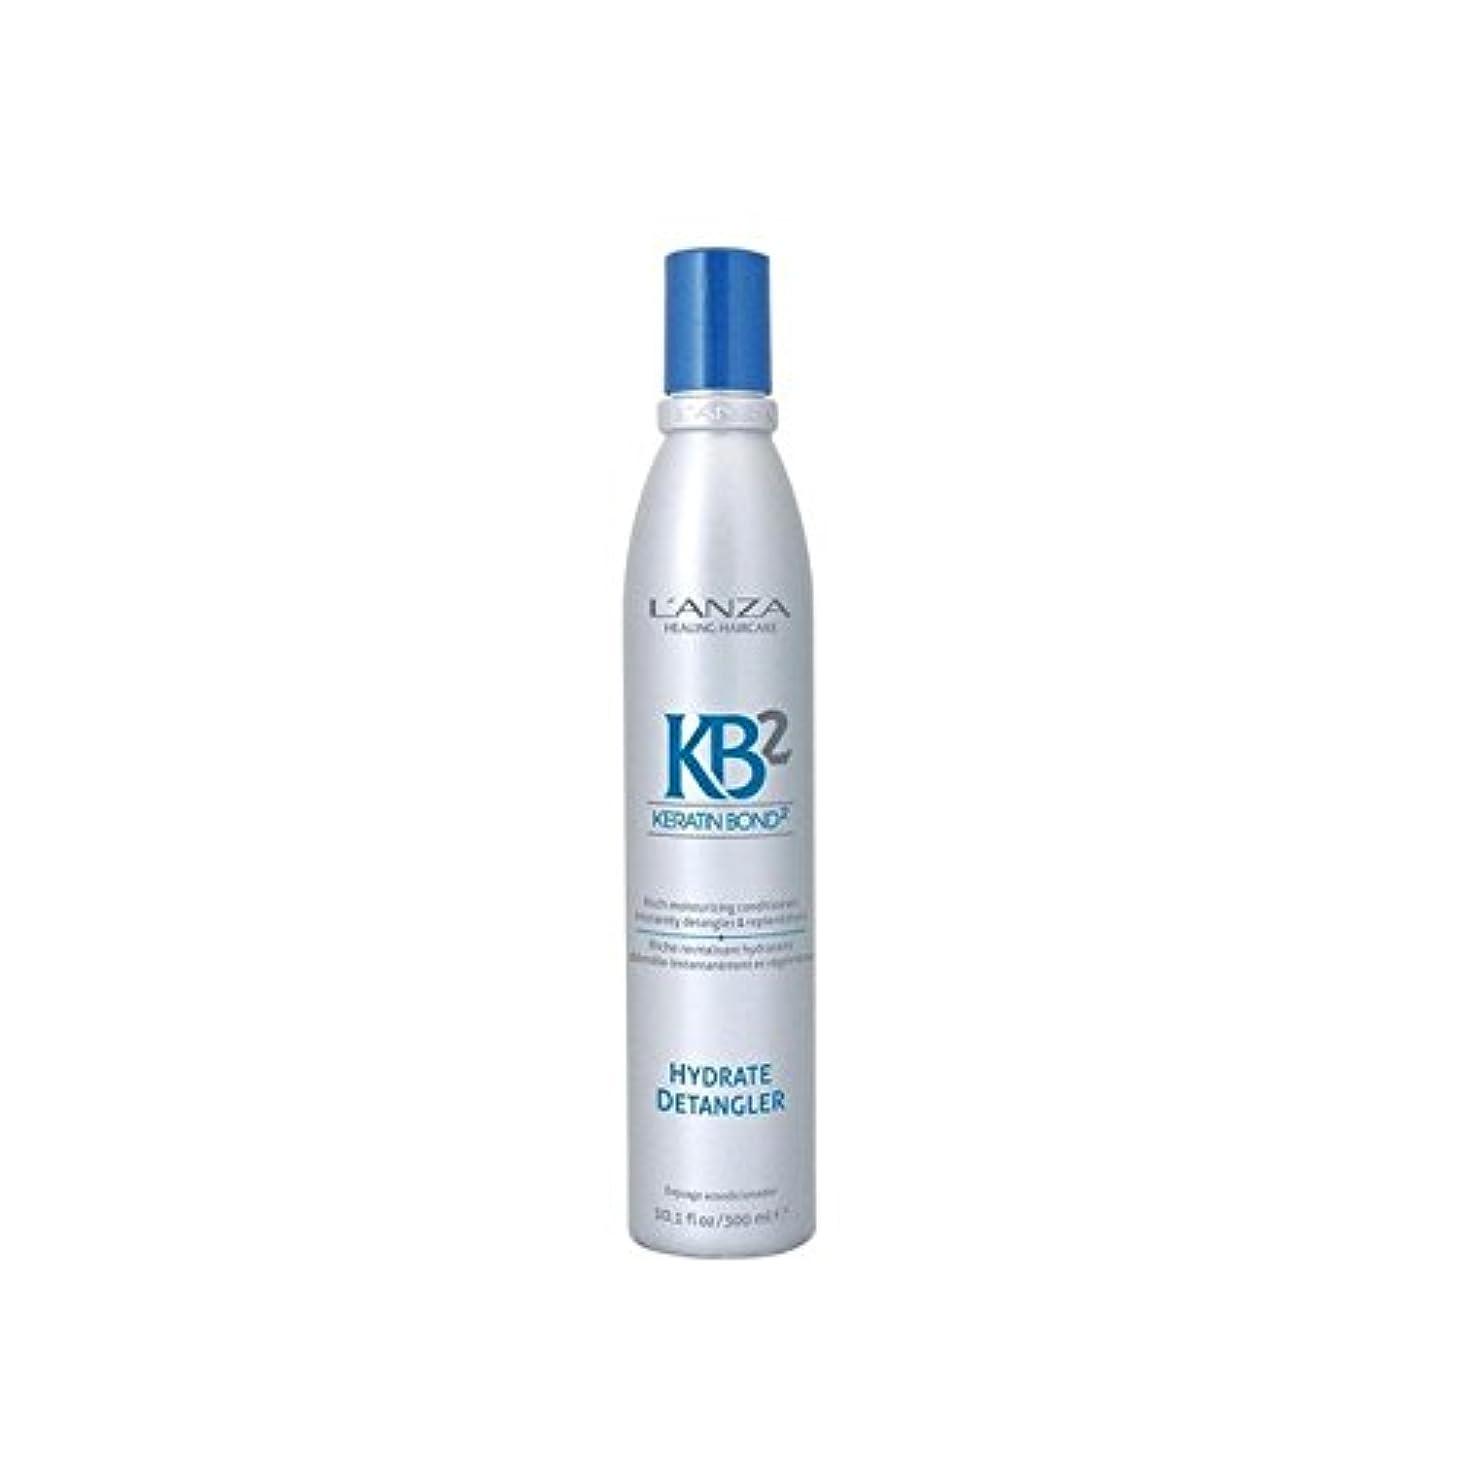 打たれたトラック民主党視聴者L'Anza Kb2 Hydrate Detangler (300ml) - アンザ2和物(300ミリリットル) [並行輸入品]